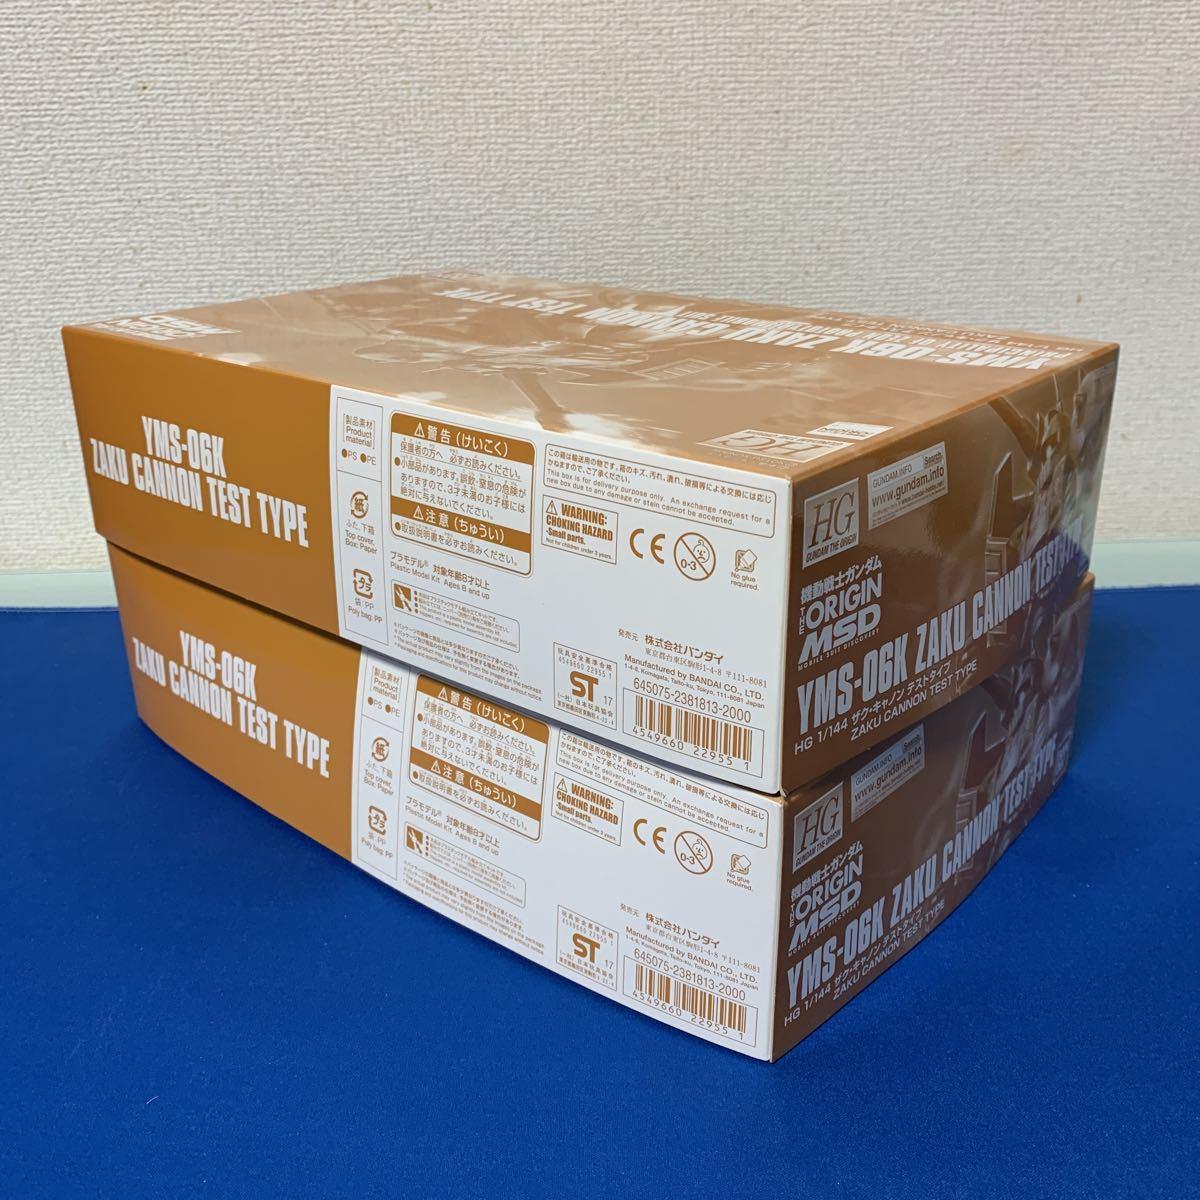 プレミアムバンダイ HG 1/144 ザク・キャノン テストタイプ 2体セット新品未開封品_画像3